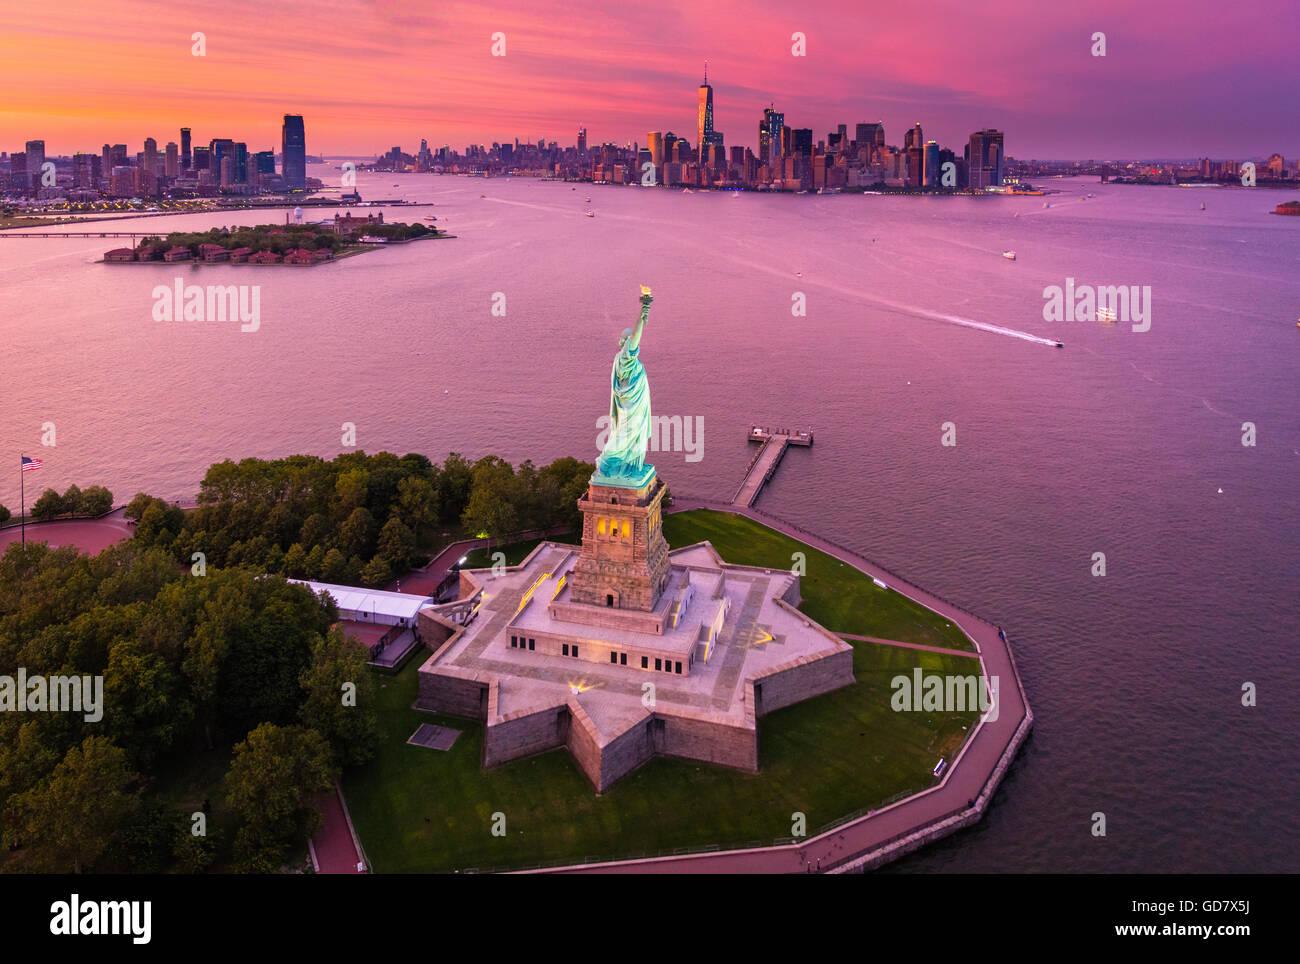 La Estatua de la libertad es una colosal escultura neoclásica en la isla de La Libertad, en el puerto de Nueva Imagen De Stock